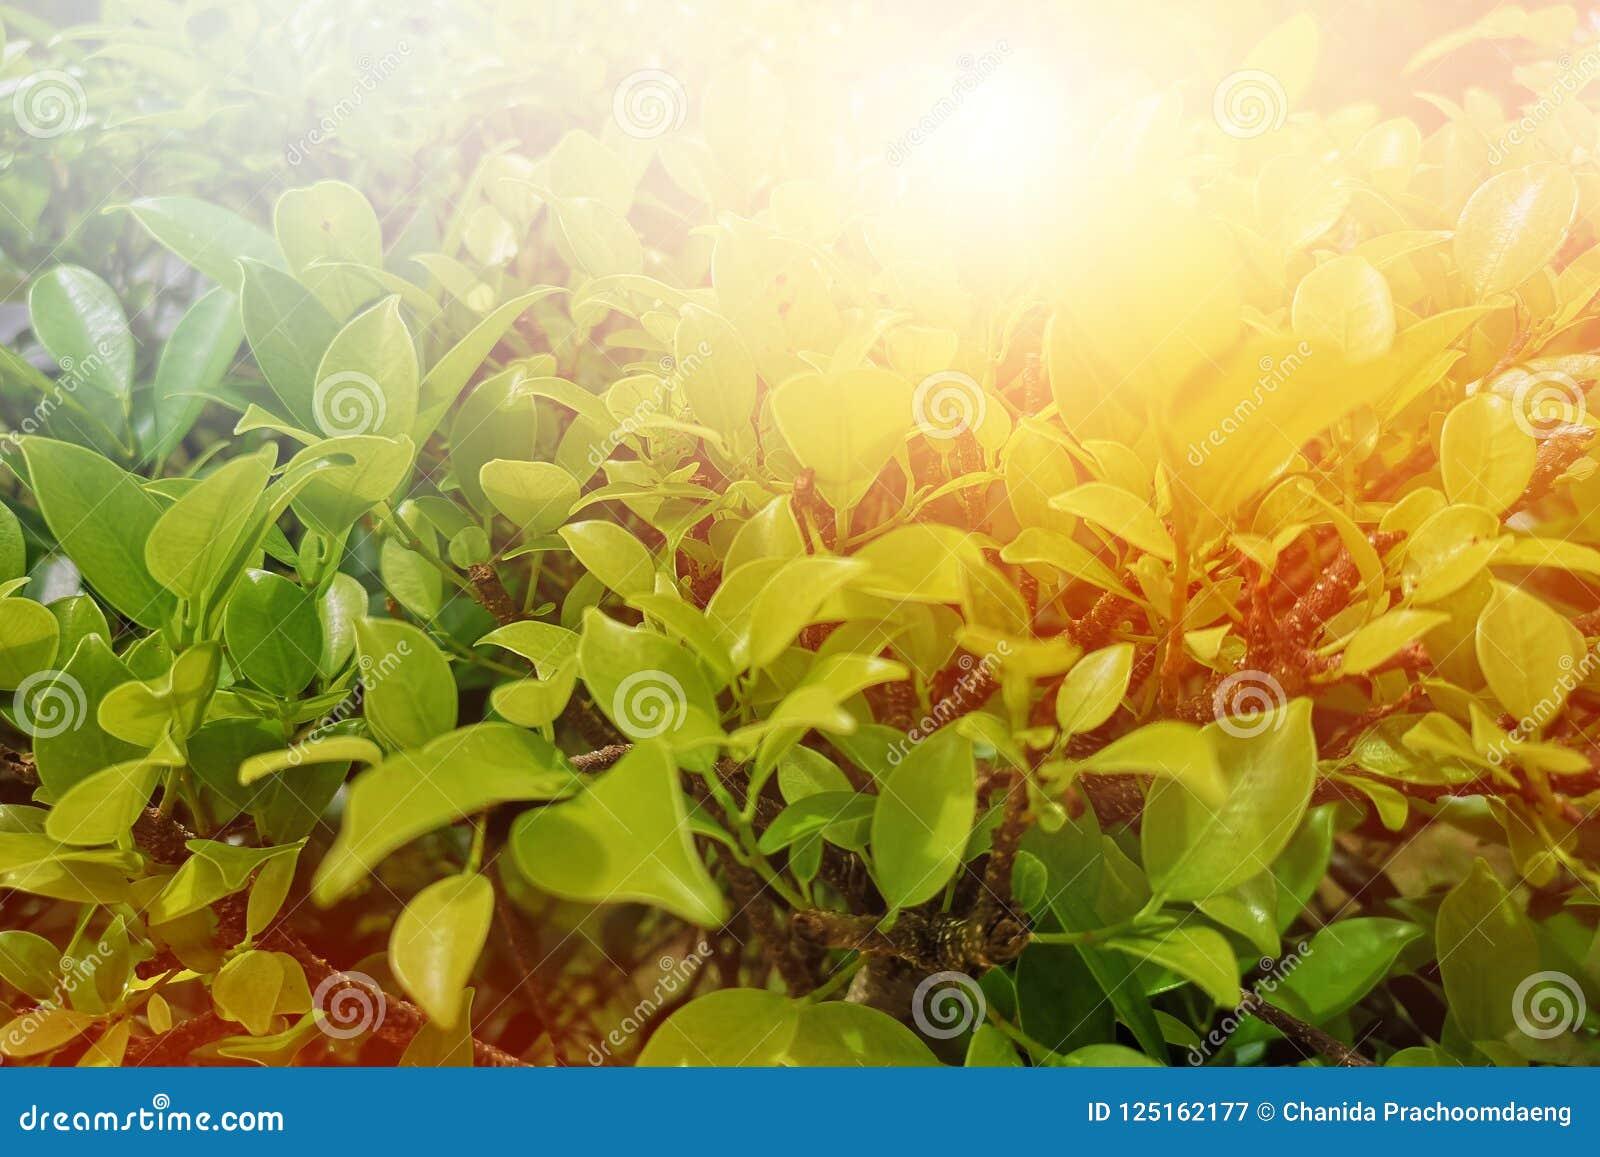 Fundo verde-claro claro da folha da manhã e espaço vazio para o texto ecb4a5c991